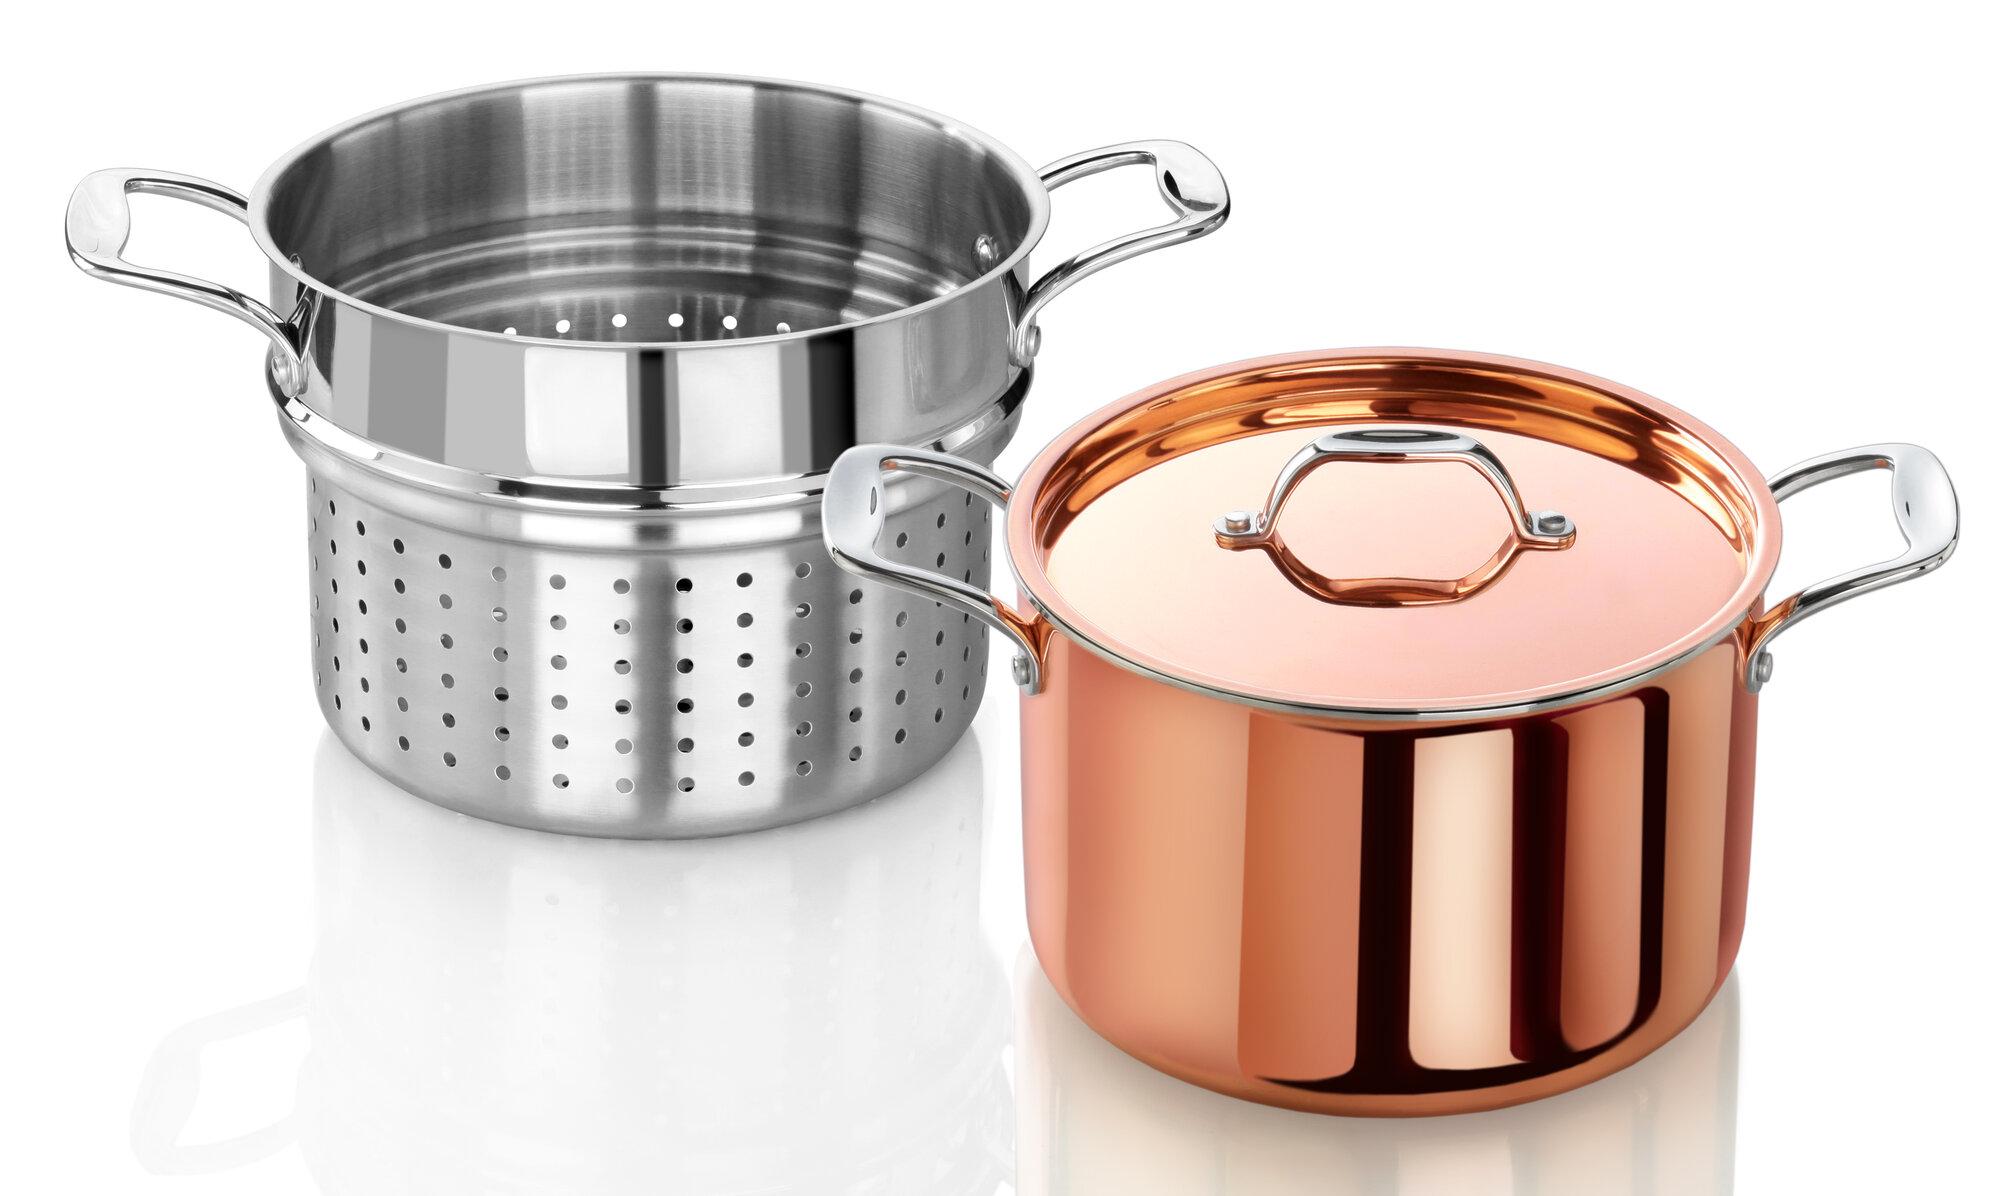 New Star Food Service Rain 7.5 qt. Tri-Ply Stock Pot with ...